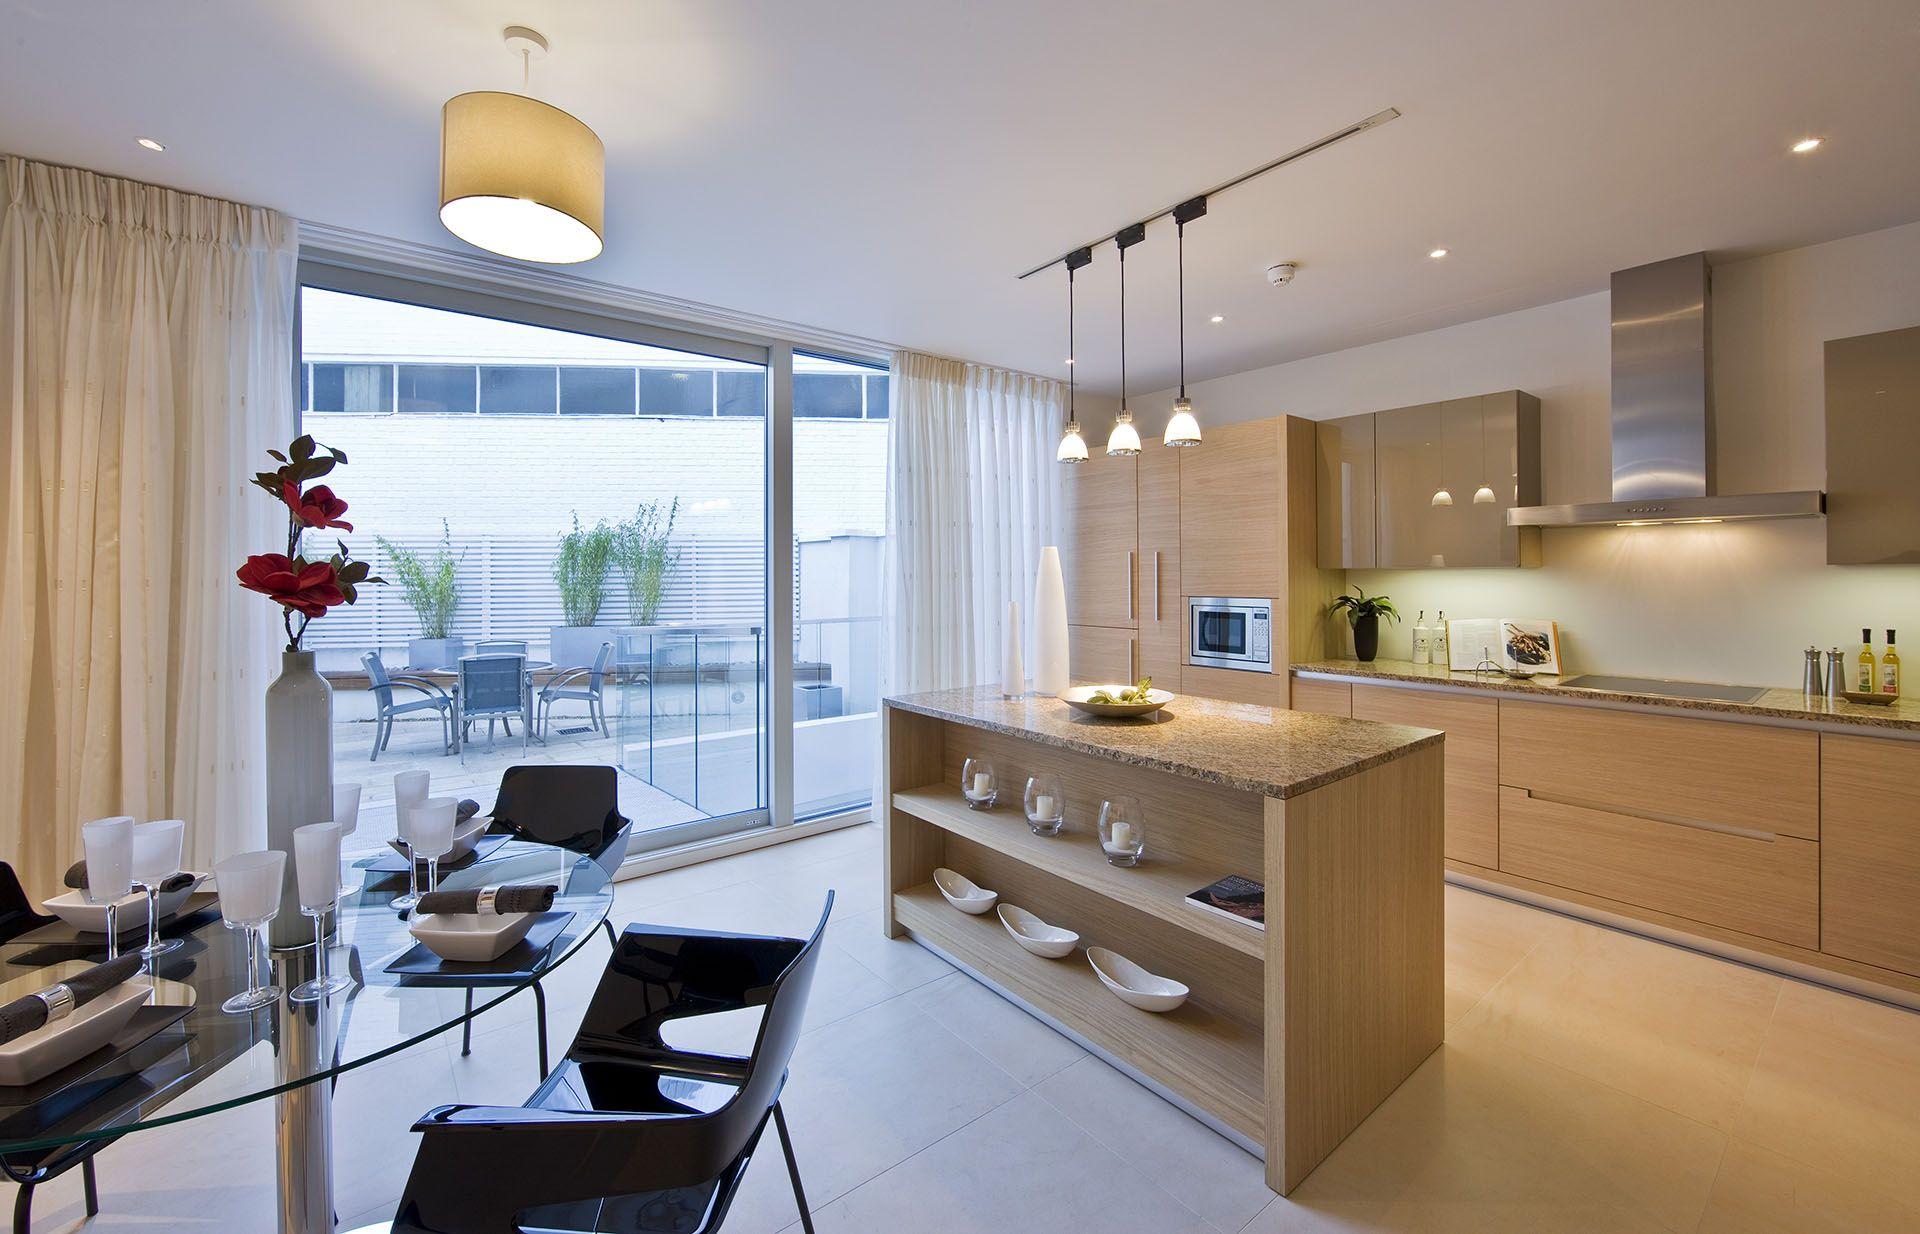 Cucina #Alison rovere di #AuroraCucine con isola centrale - anta ...